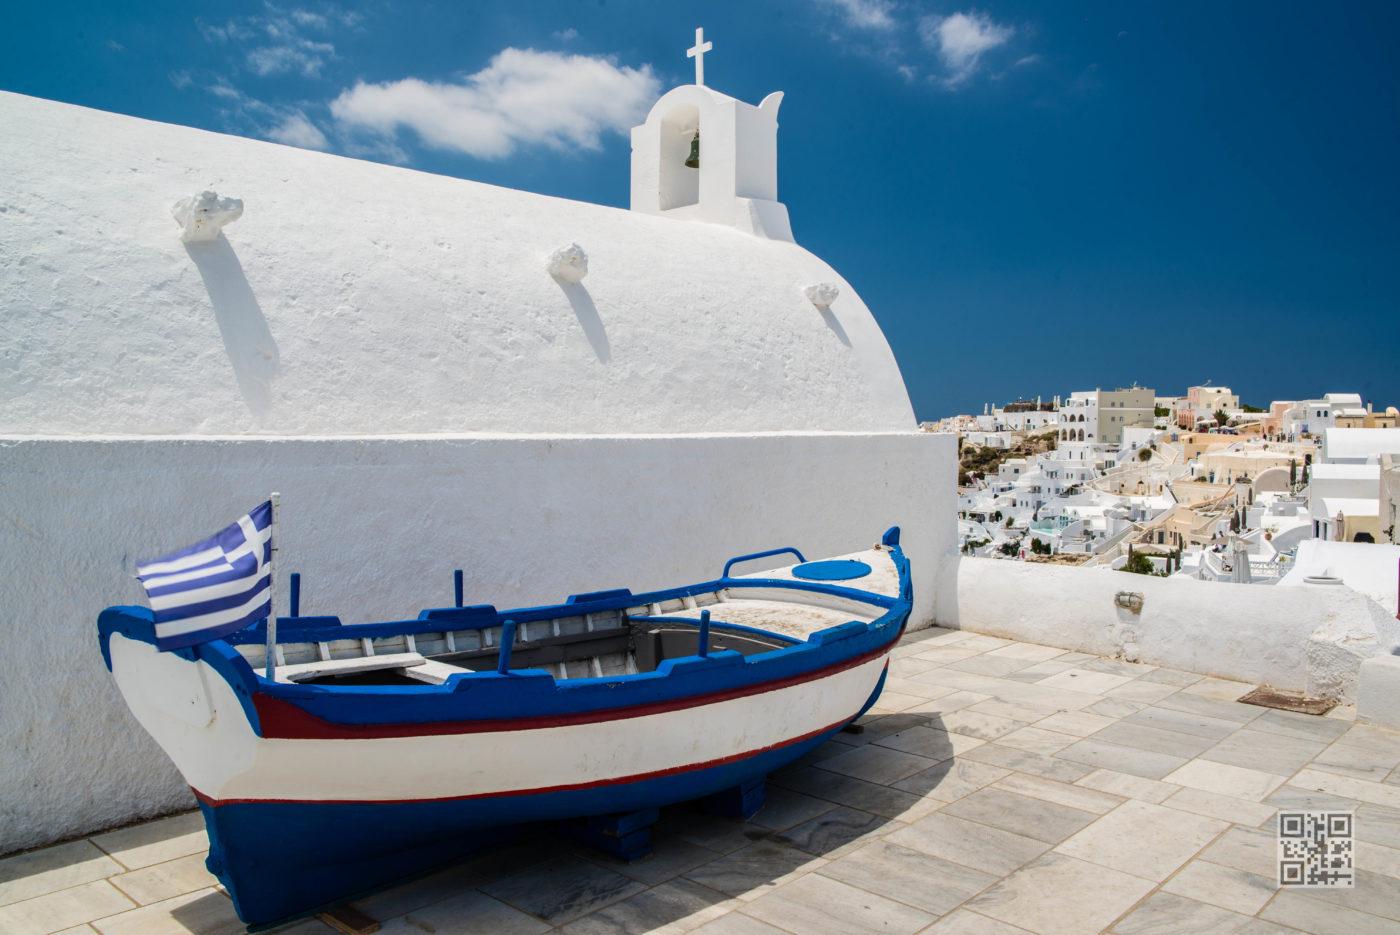 Boat in Oia